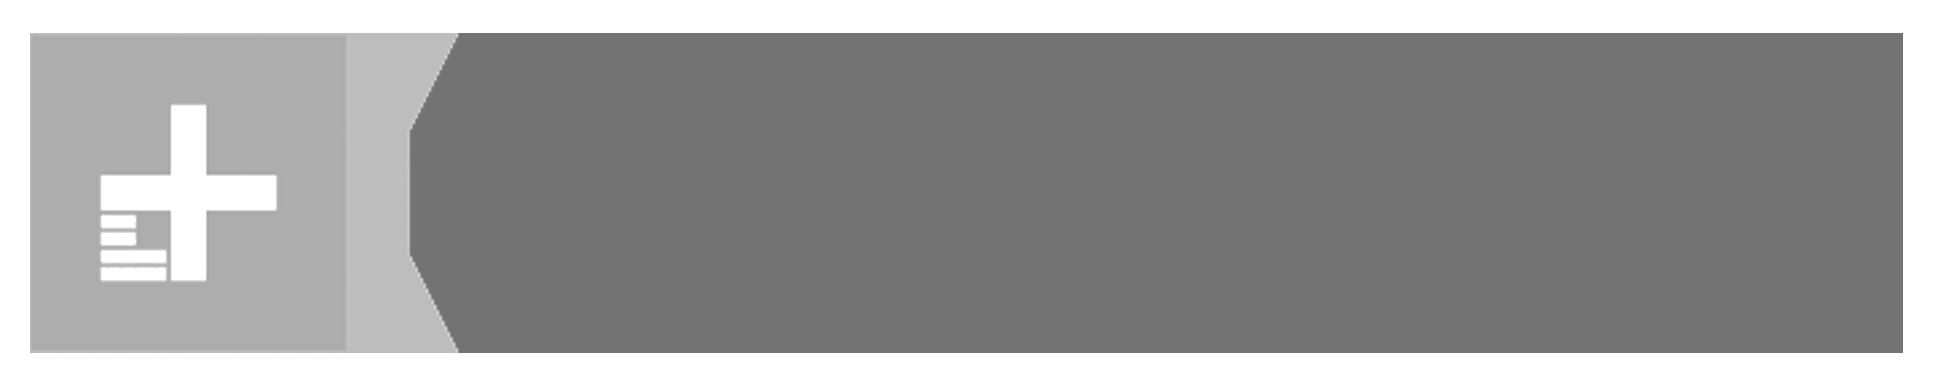 digitaltrends-grey